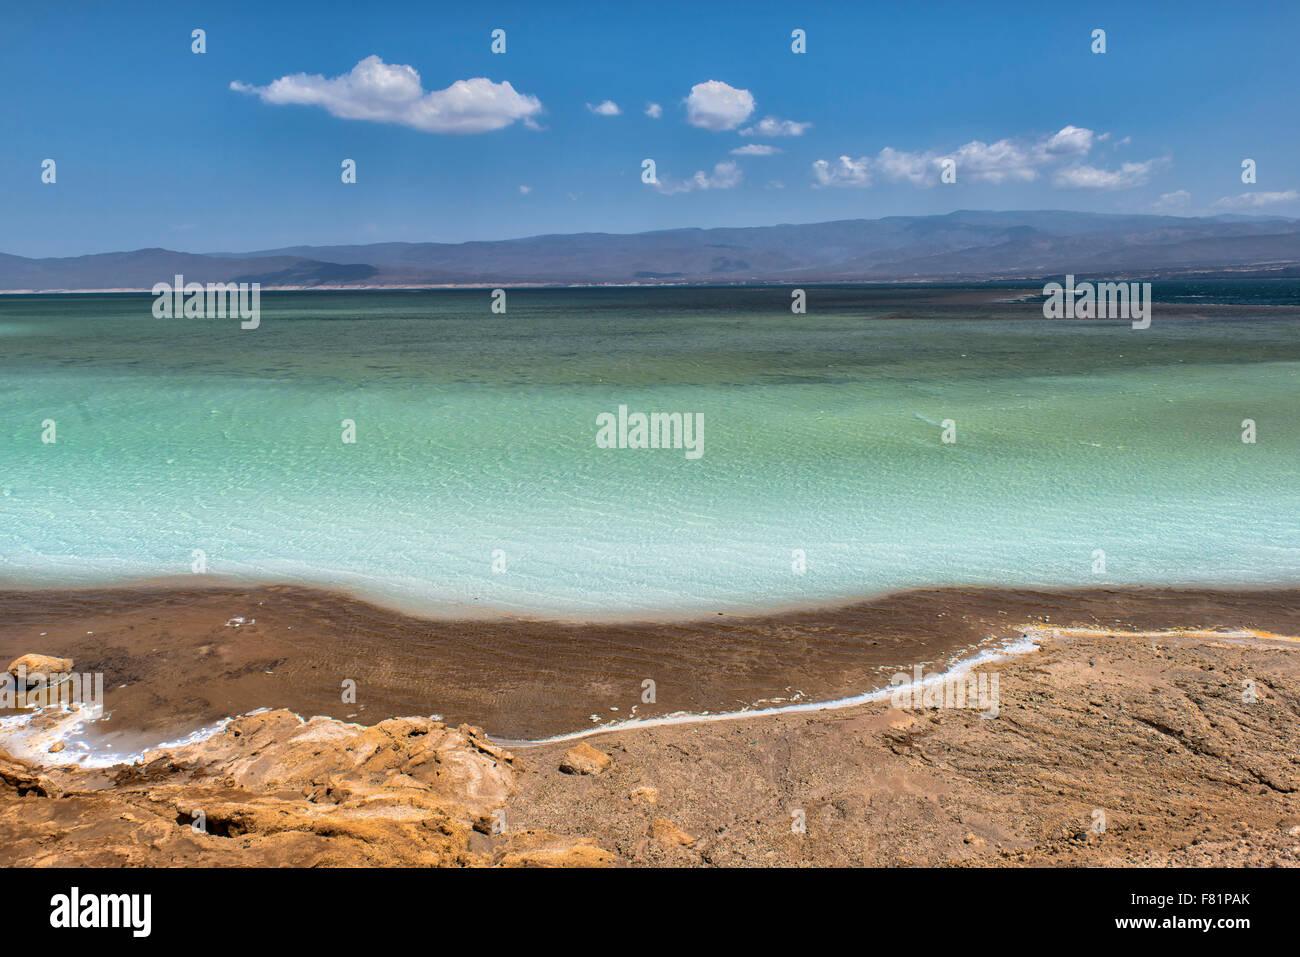 Lake Assal, Djibouti Stock Photo